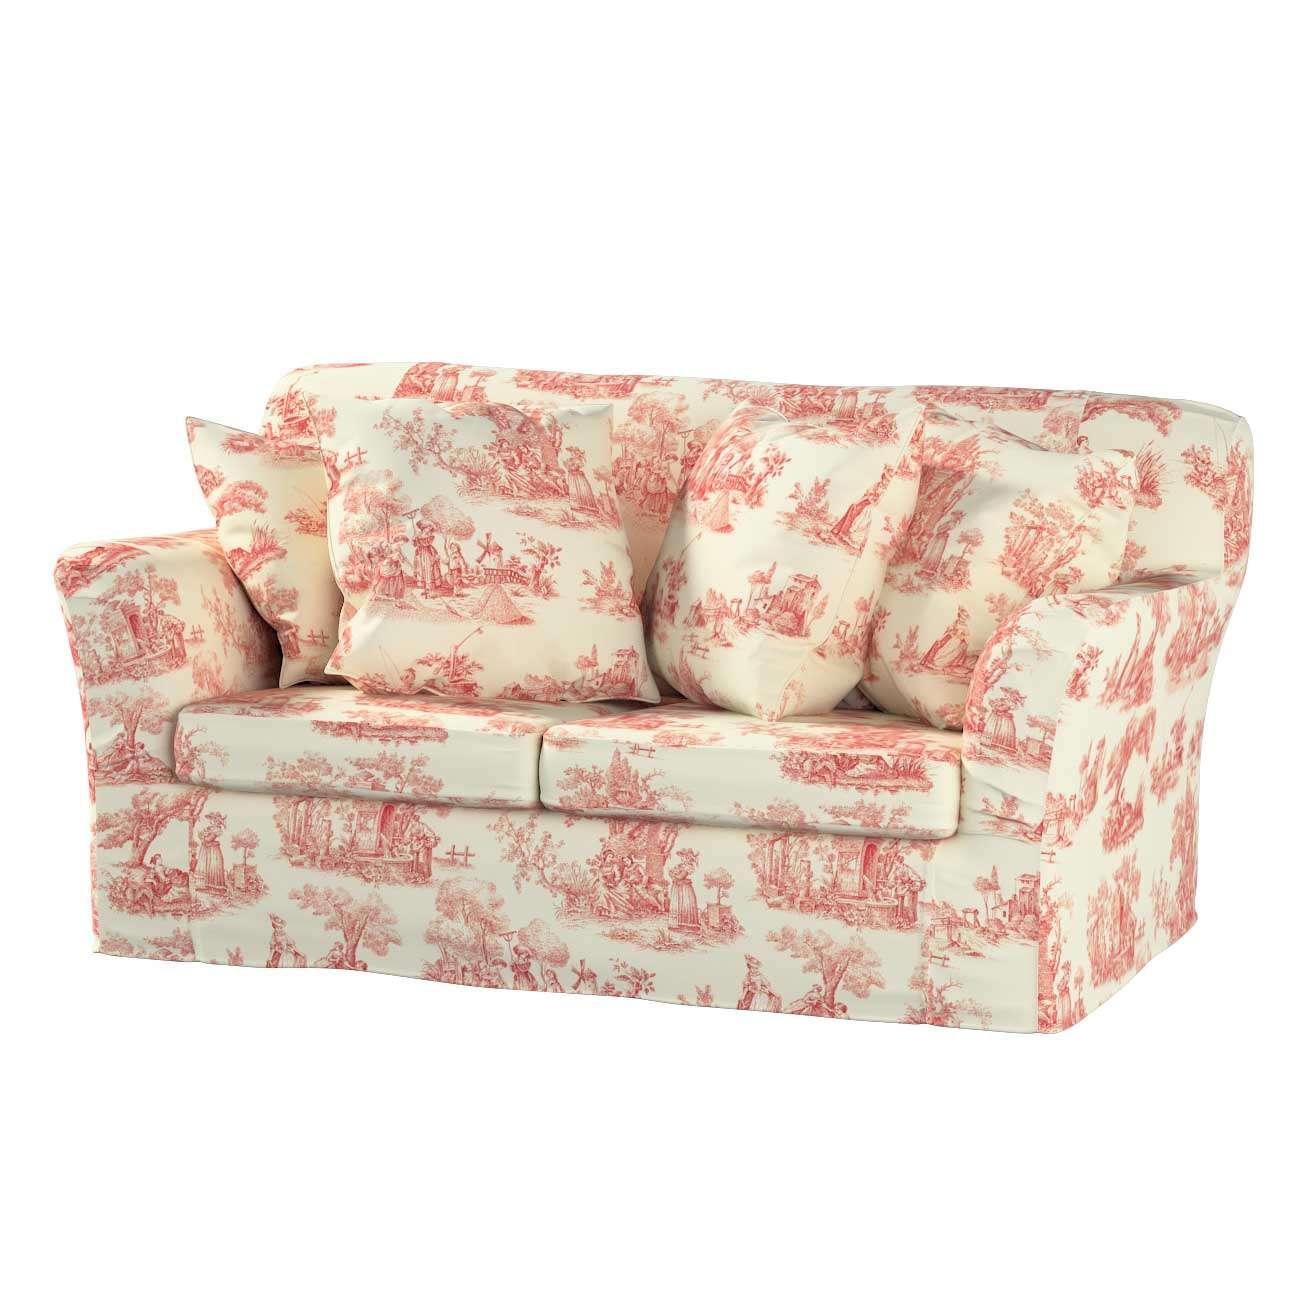 Tomelilla 2-seater sofa cover Tomelilla 2-seat sofa in collection Avinon, fabric: 132-15